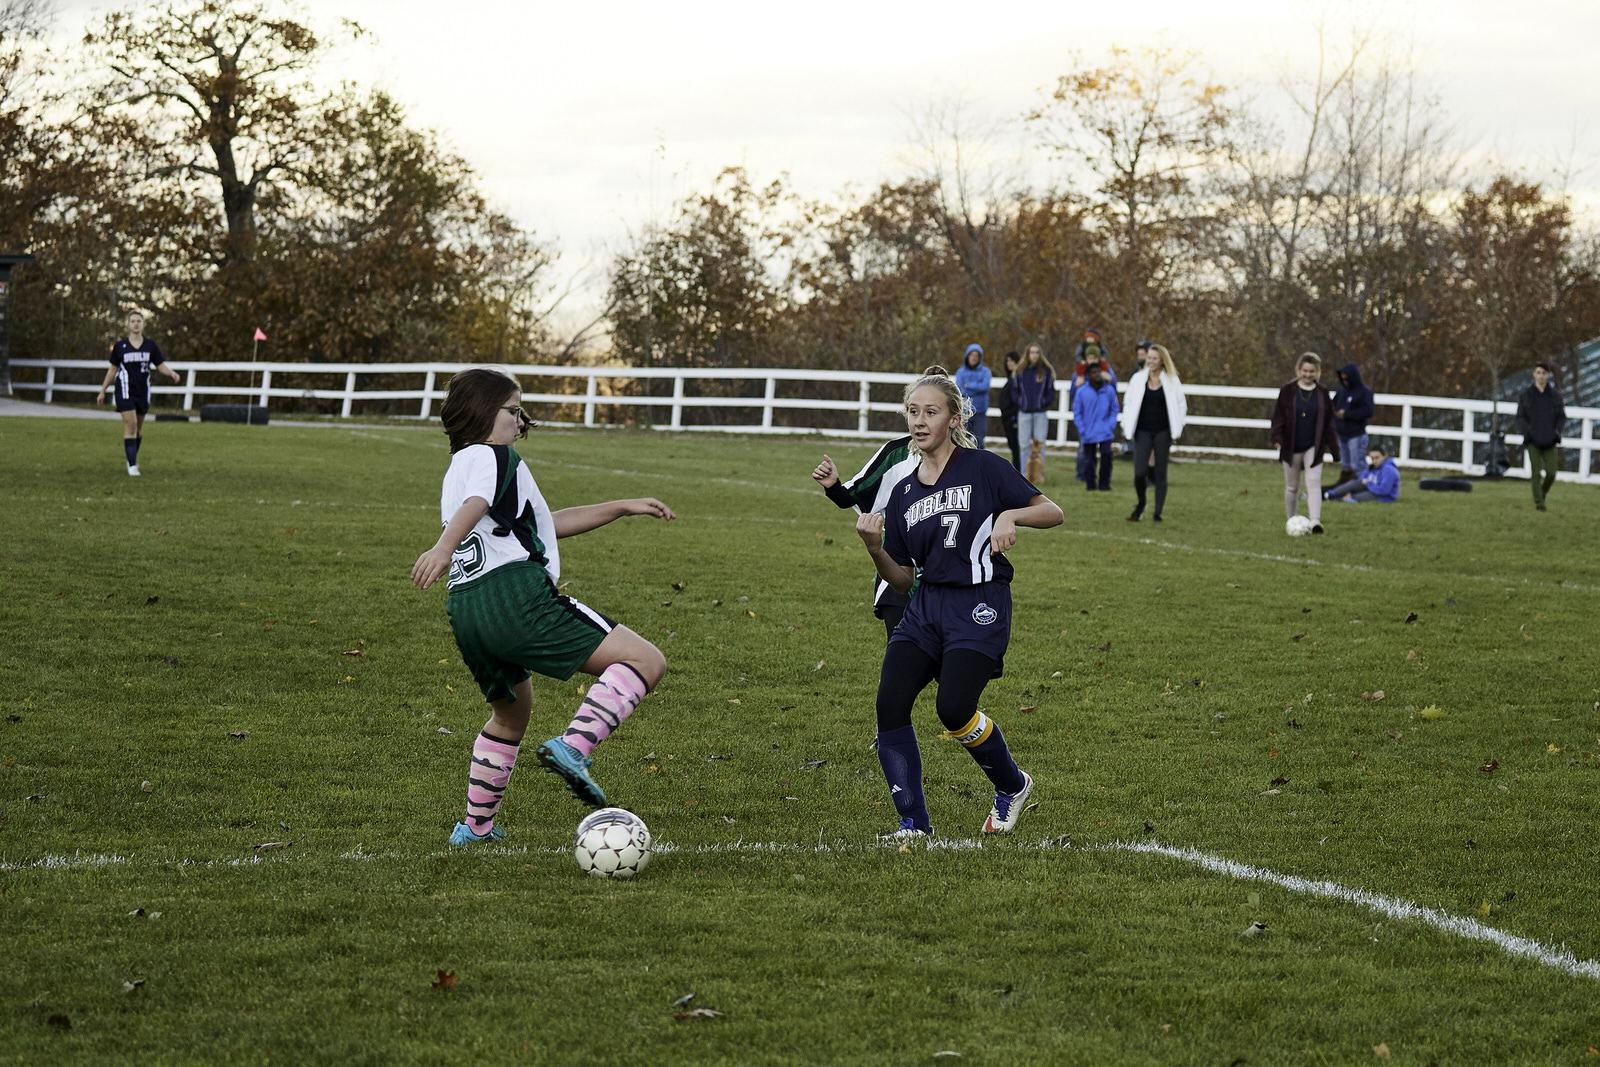 Girls Varsity Soccer vs. Eagle Hill School - October 30, 2018 139397.jpg